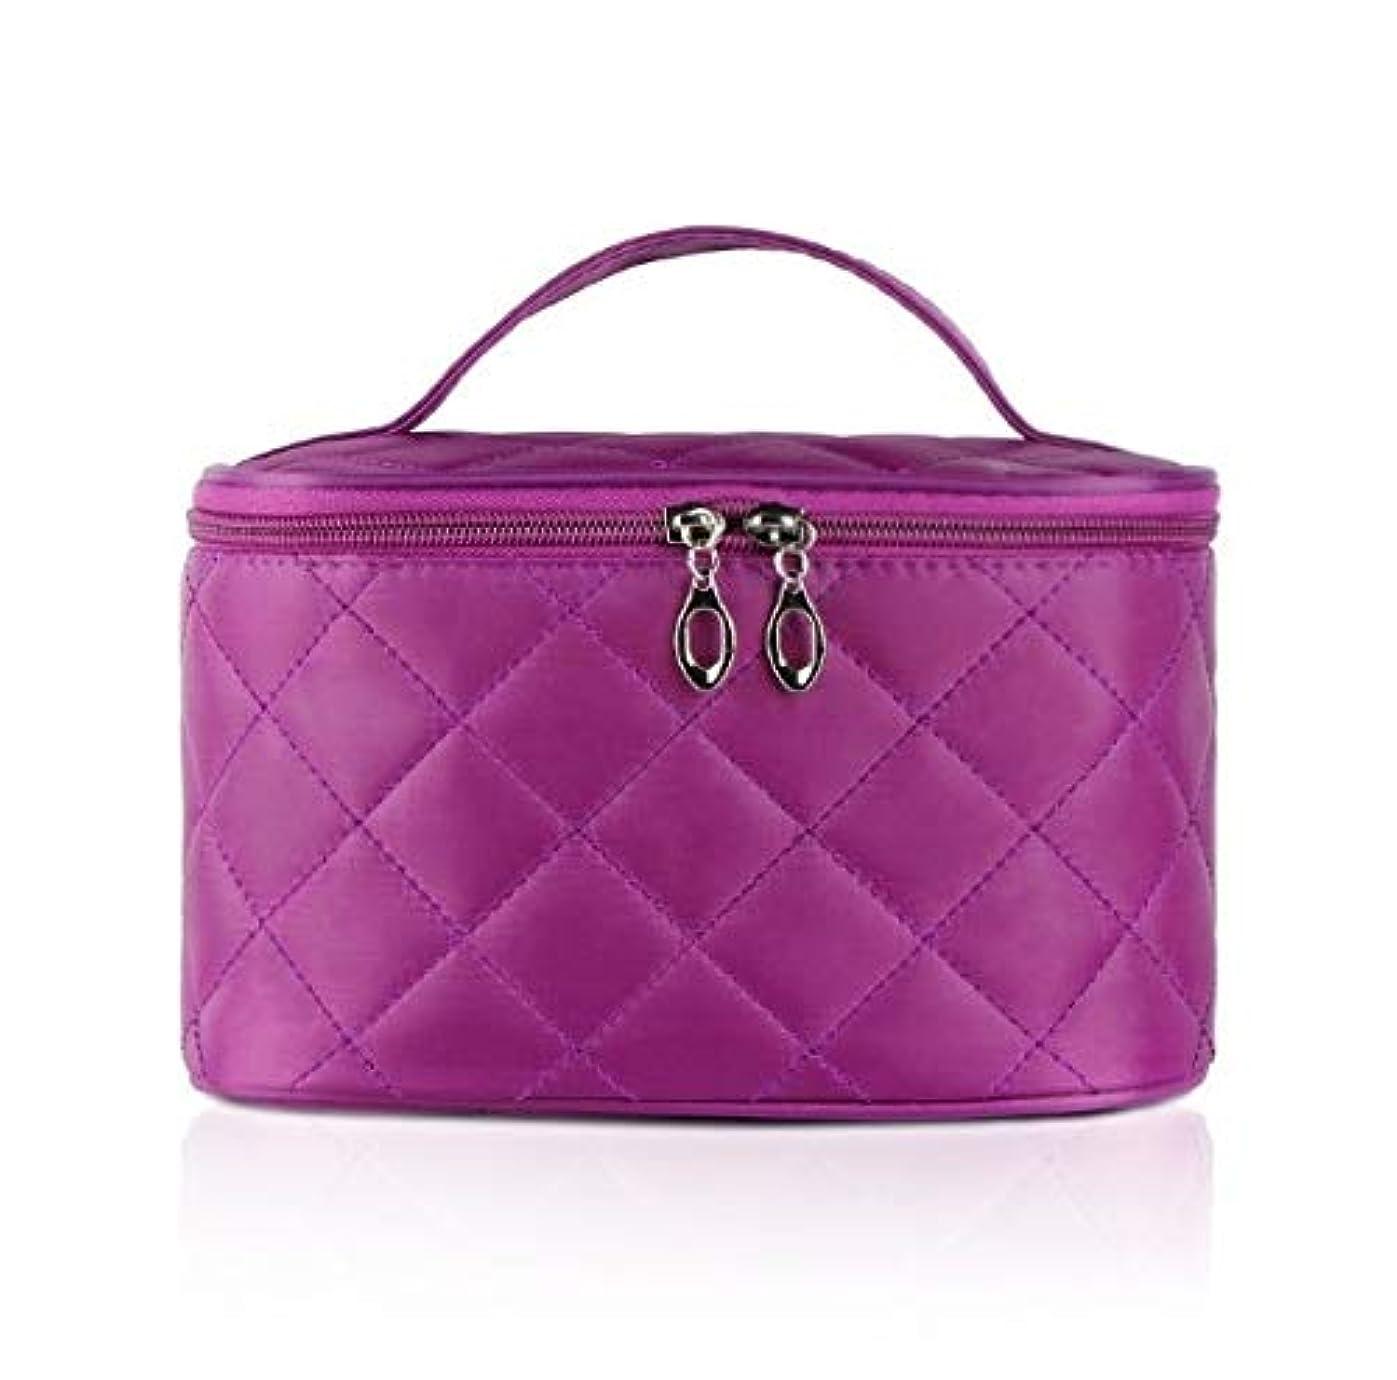 ロック試験セール化粧箱、簡単な菱形の正方形の携帯用化粧品袋、携帯用携帯用旅行化粧品の箱、美の釘の宝石類の収納箱 (Color : Purple)